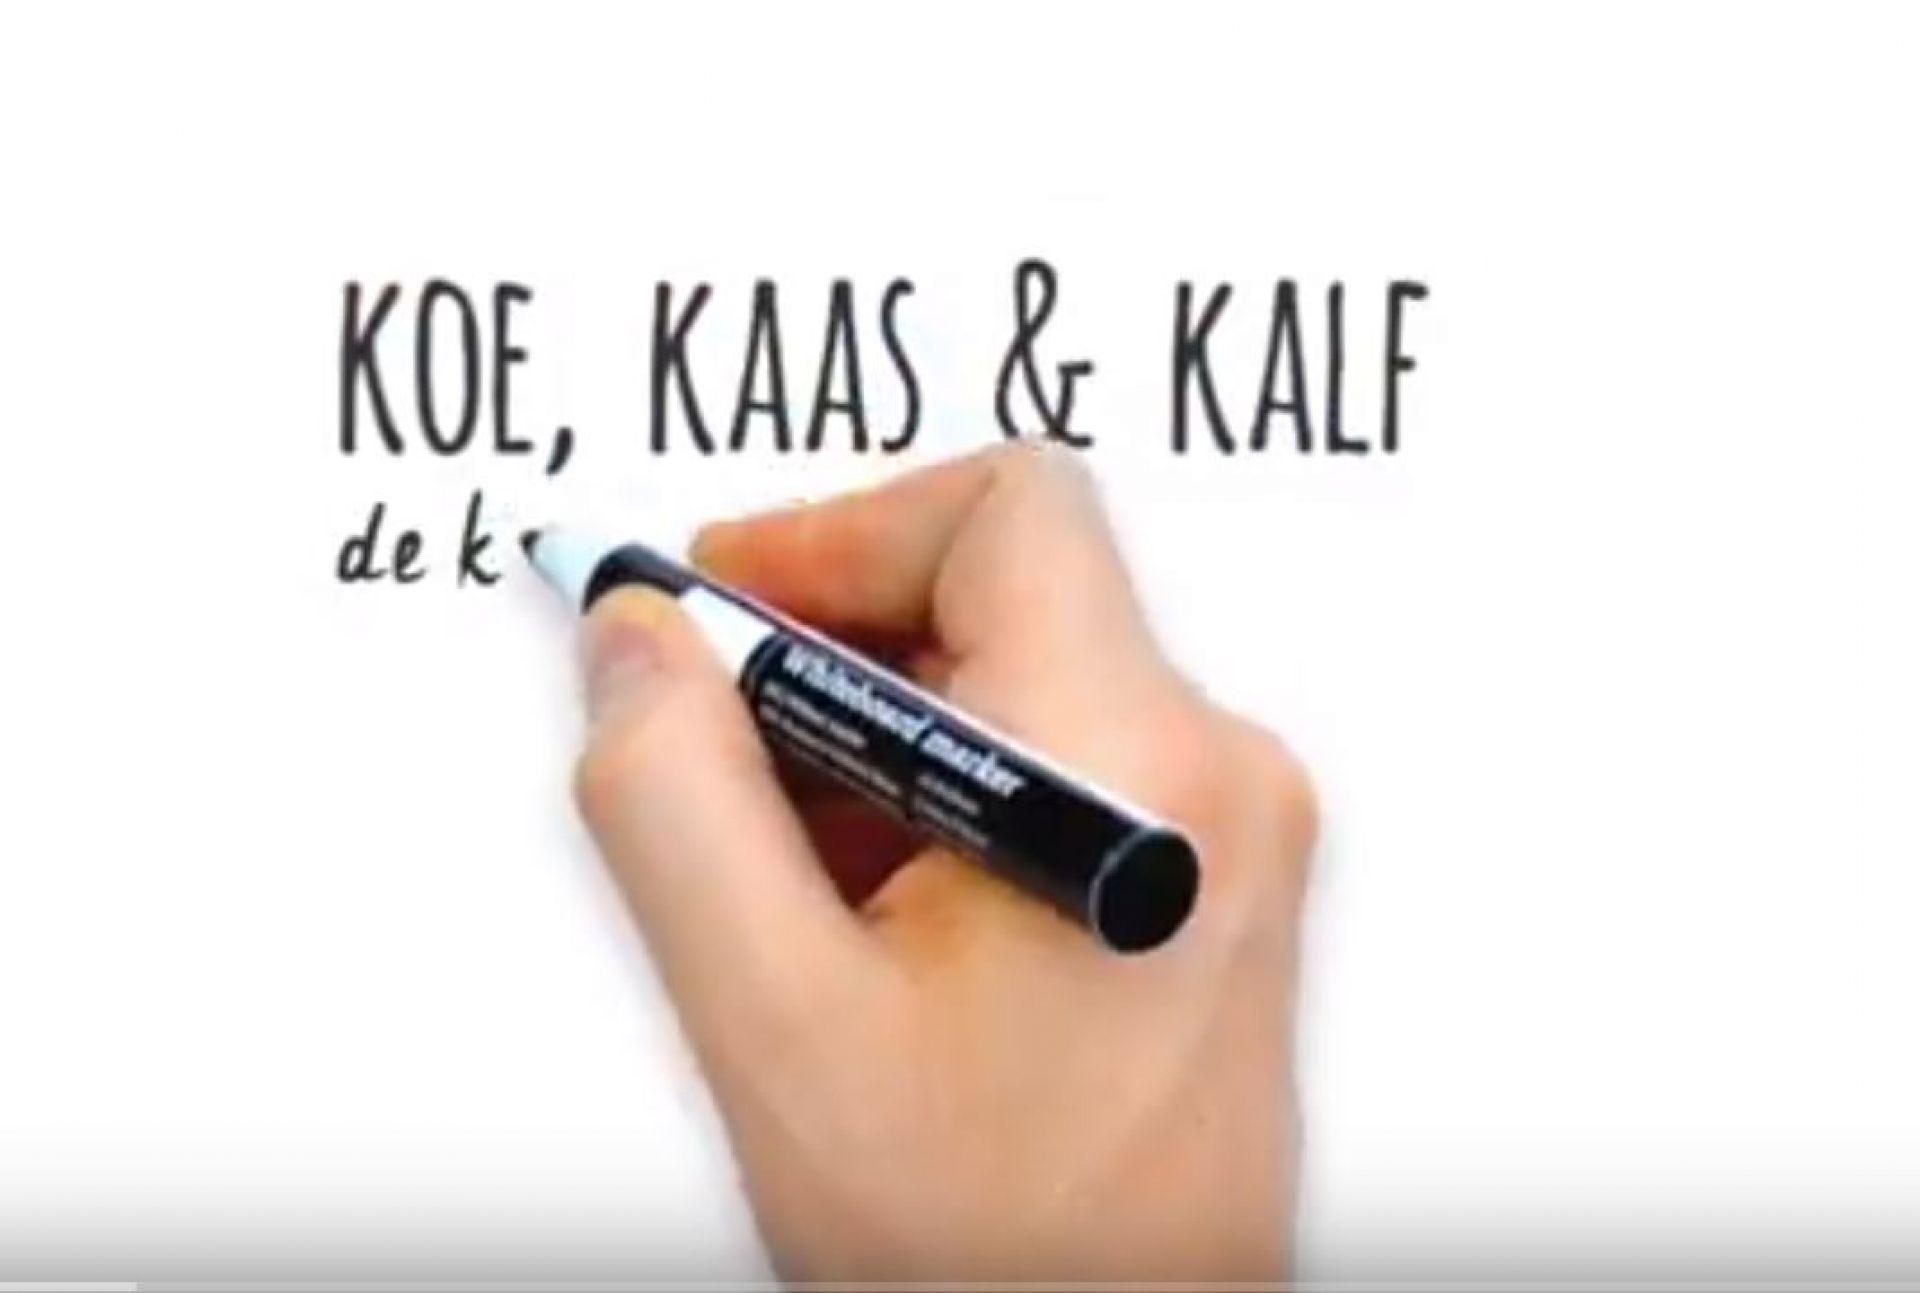 [video] Koe Kaas & Kalf - de kalverhouderij uitgelegd